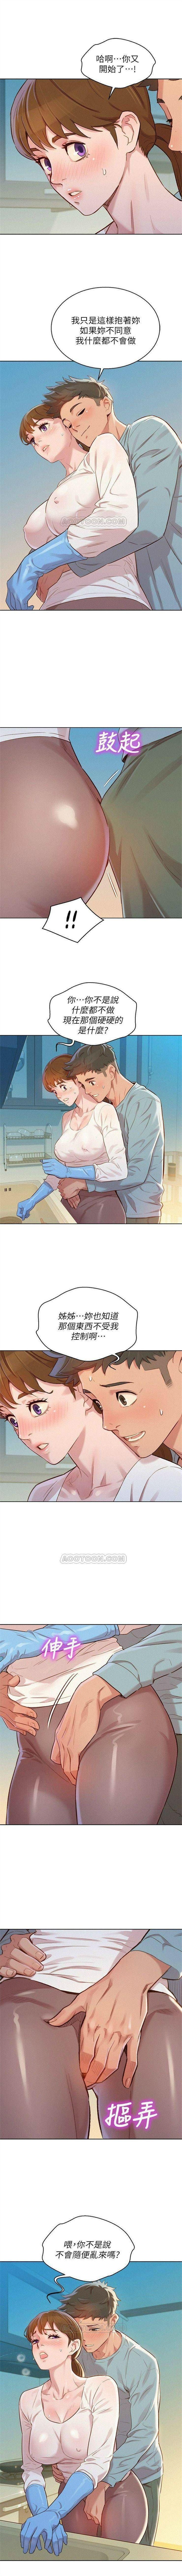 (週7)漂亮幹姐姐  1-92 中文翻譯 (更新中) 459